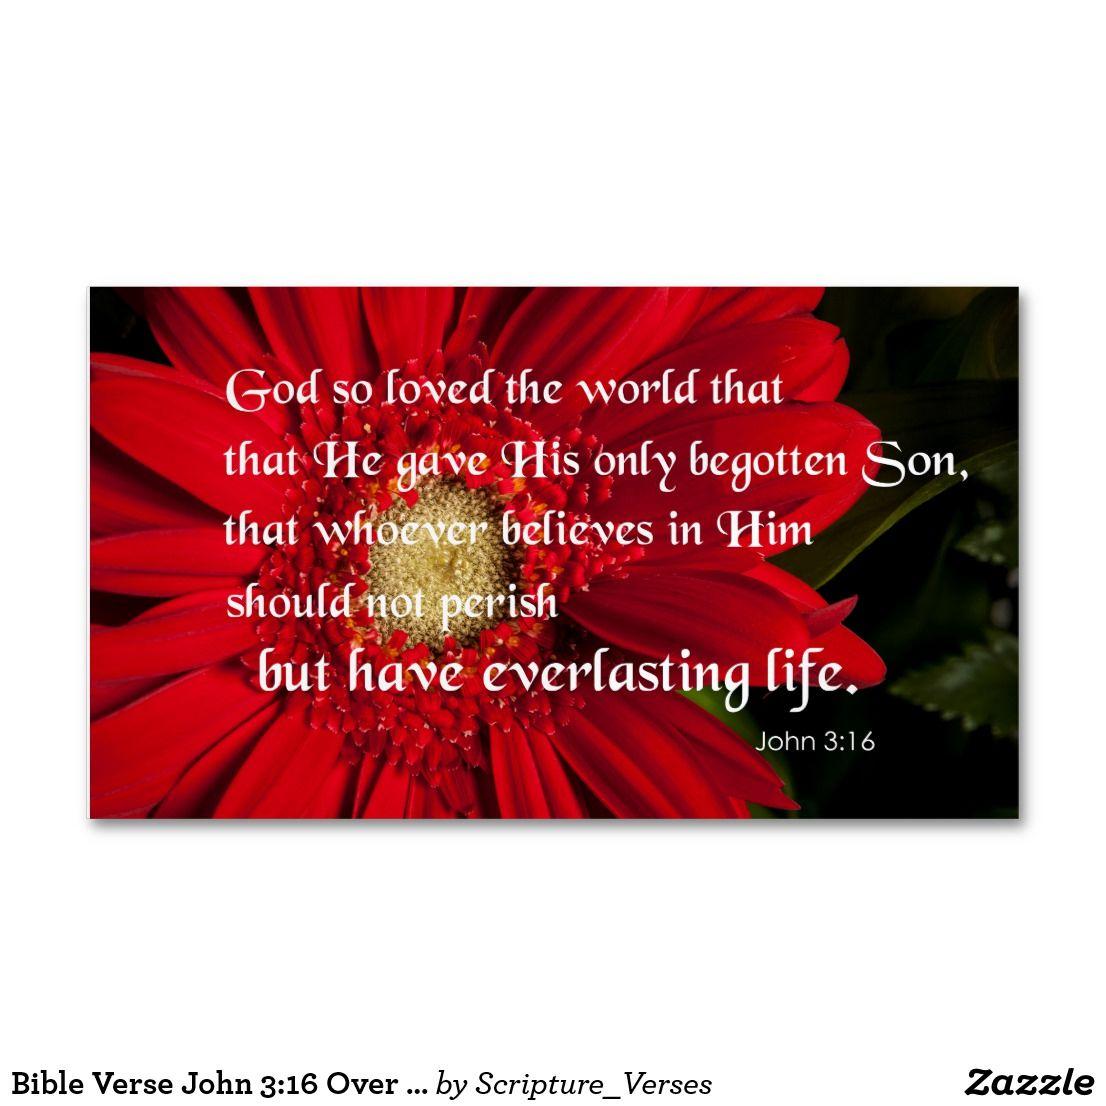 Bible Verse John 3:16 Over a Flower Business Card | Business cards